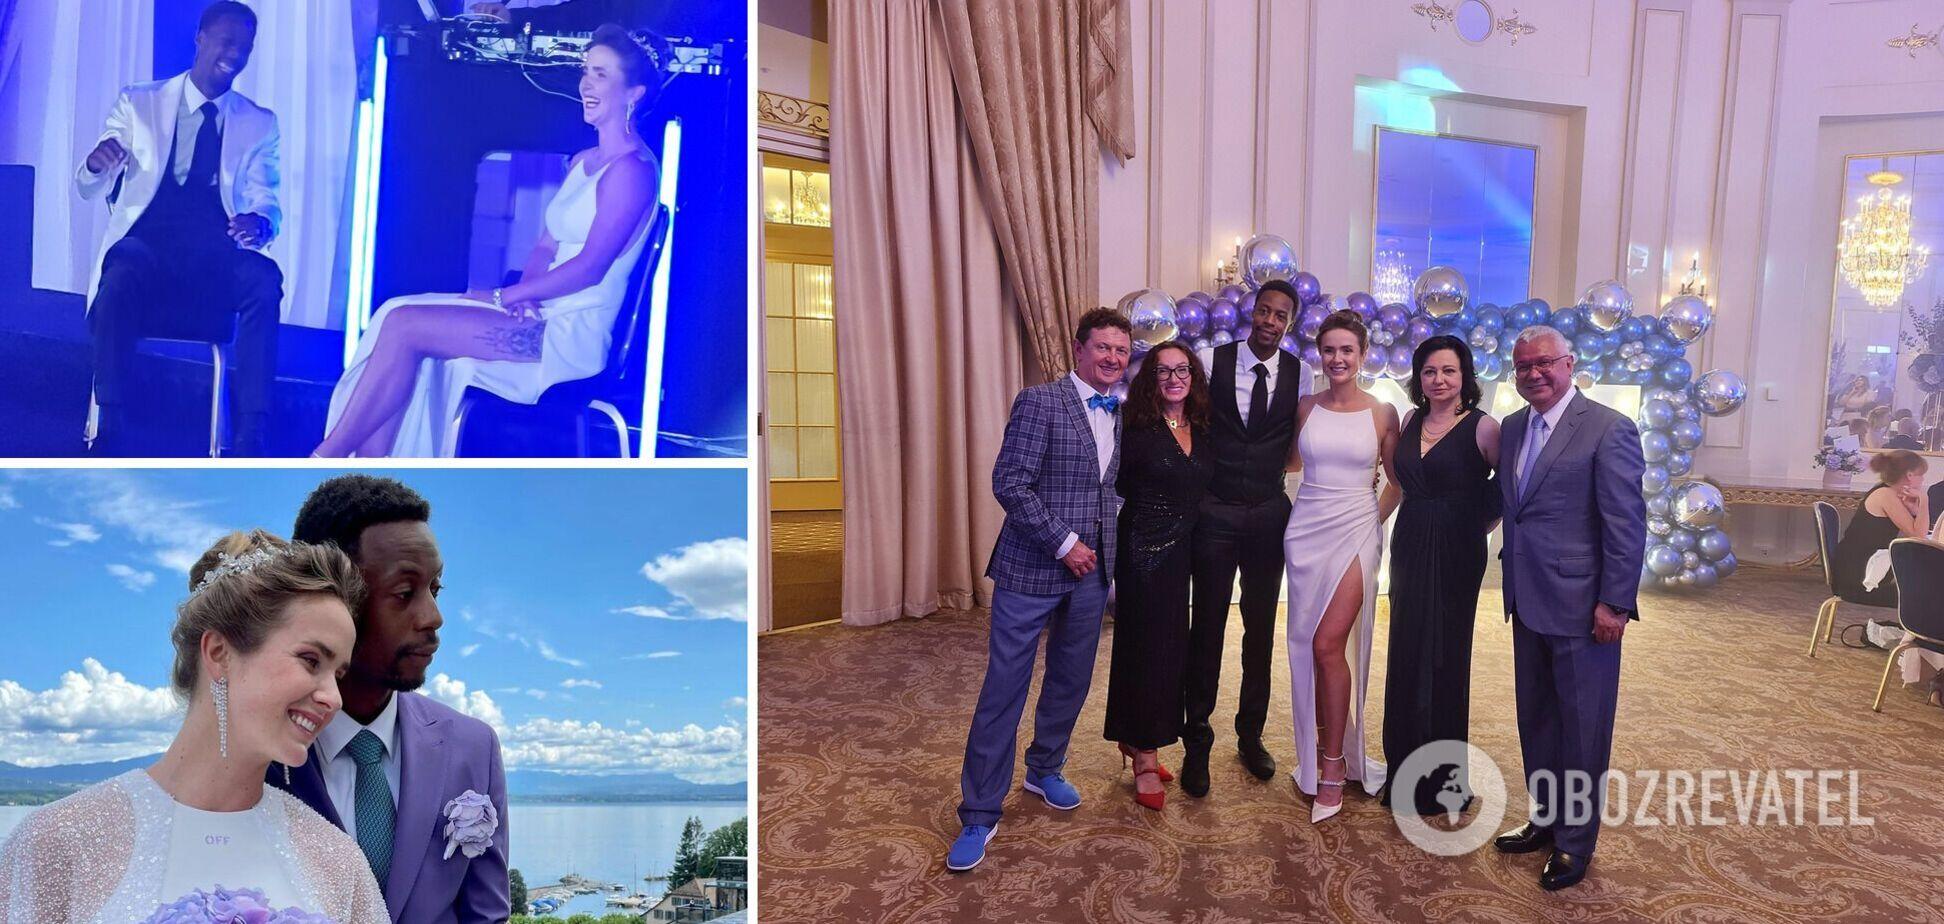 Свитолина вышла замуж и сменила фамилию: новые фото теннисистки в свадебном платье с высоким разрезом